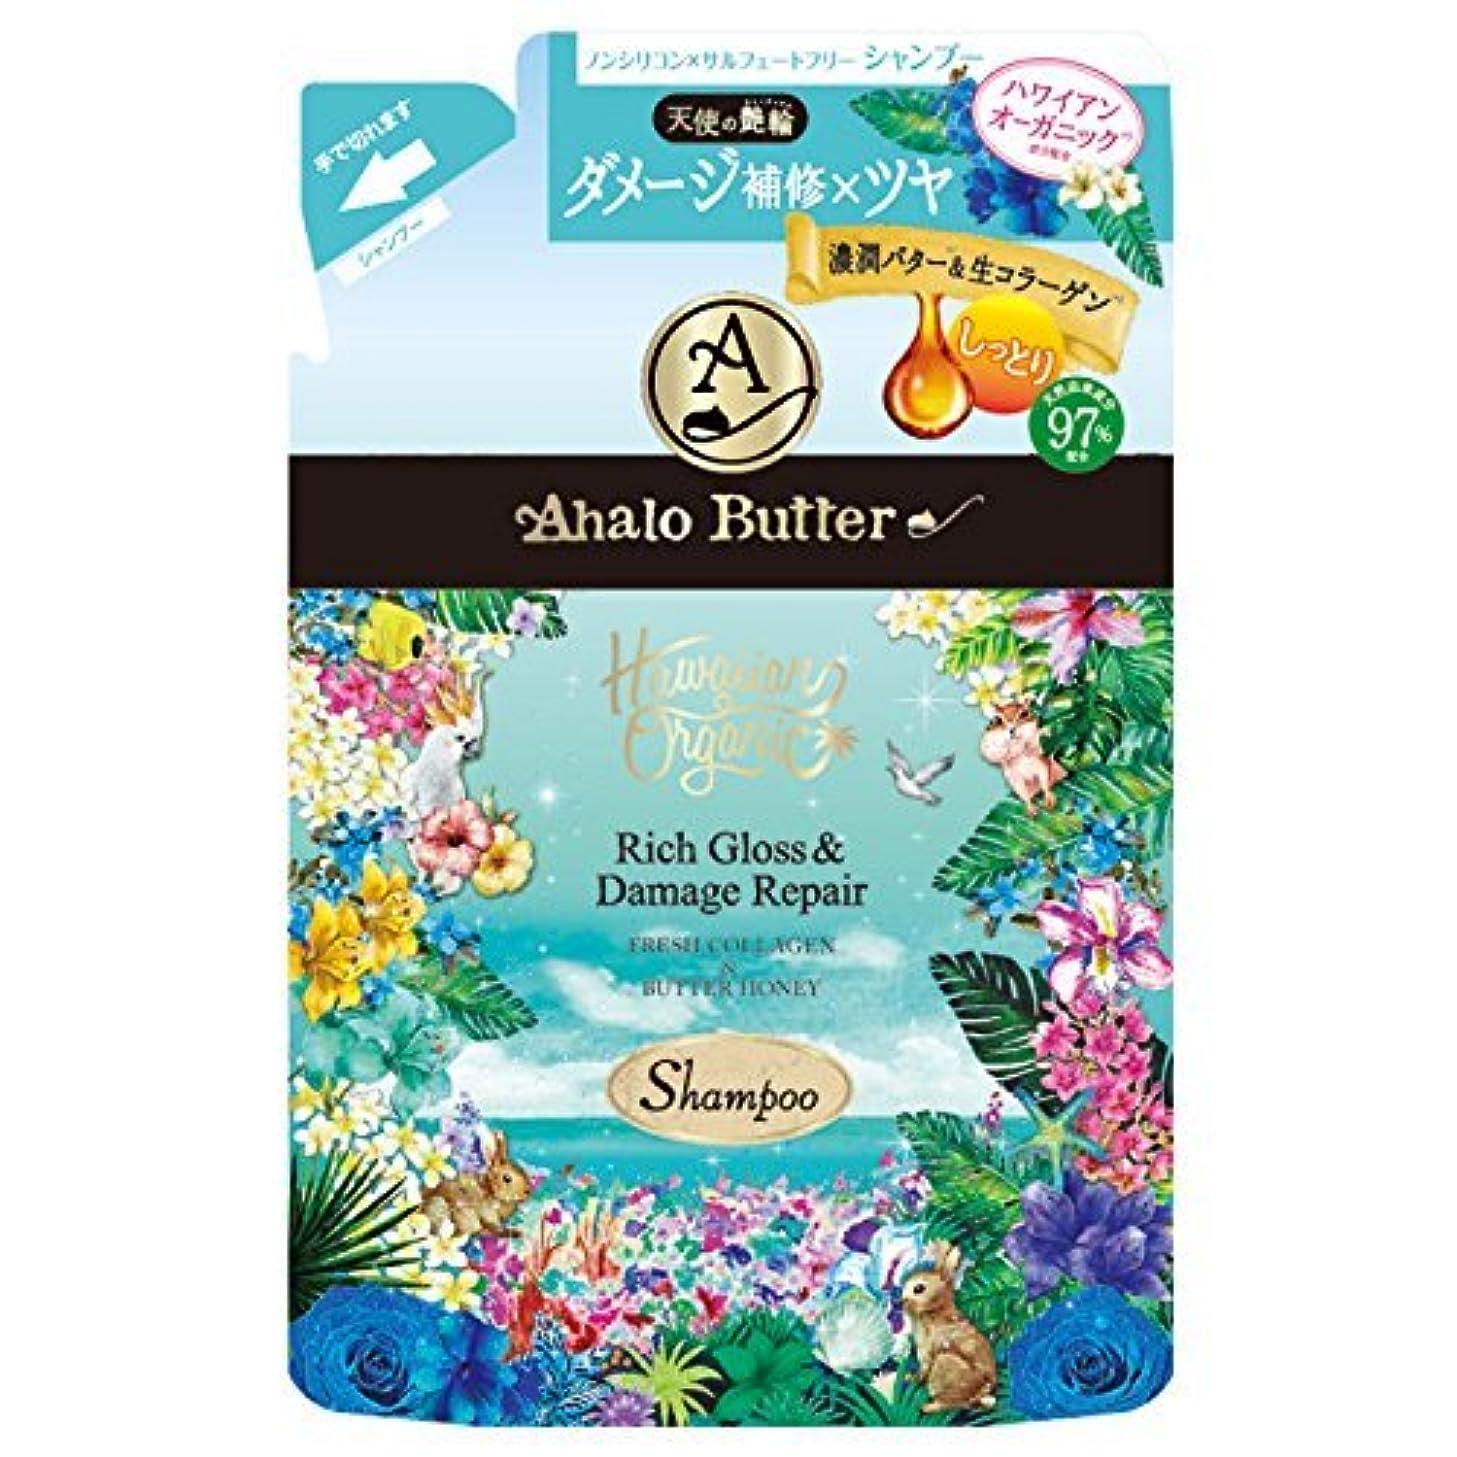 コーヒー二無効Ahalo butter(アハロバター) ハワイアンオーガニック リッチグロス&ダメージリペア モイストシャンプー / 詰め替え / 400ml